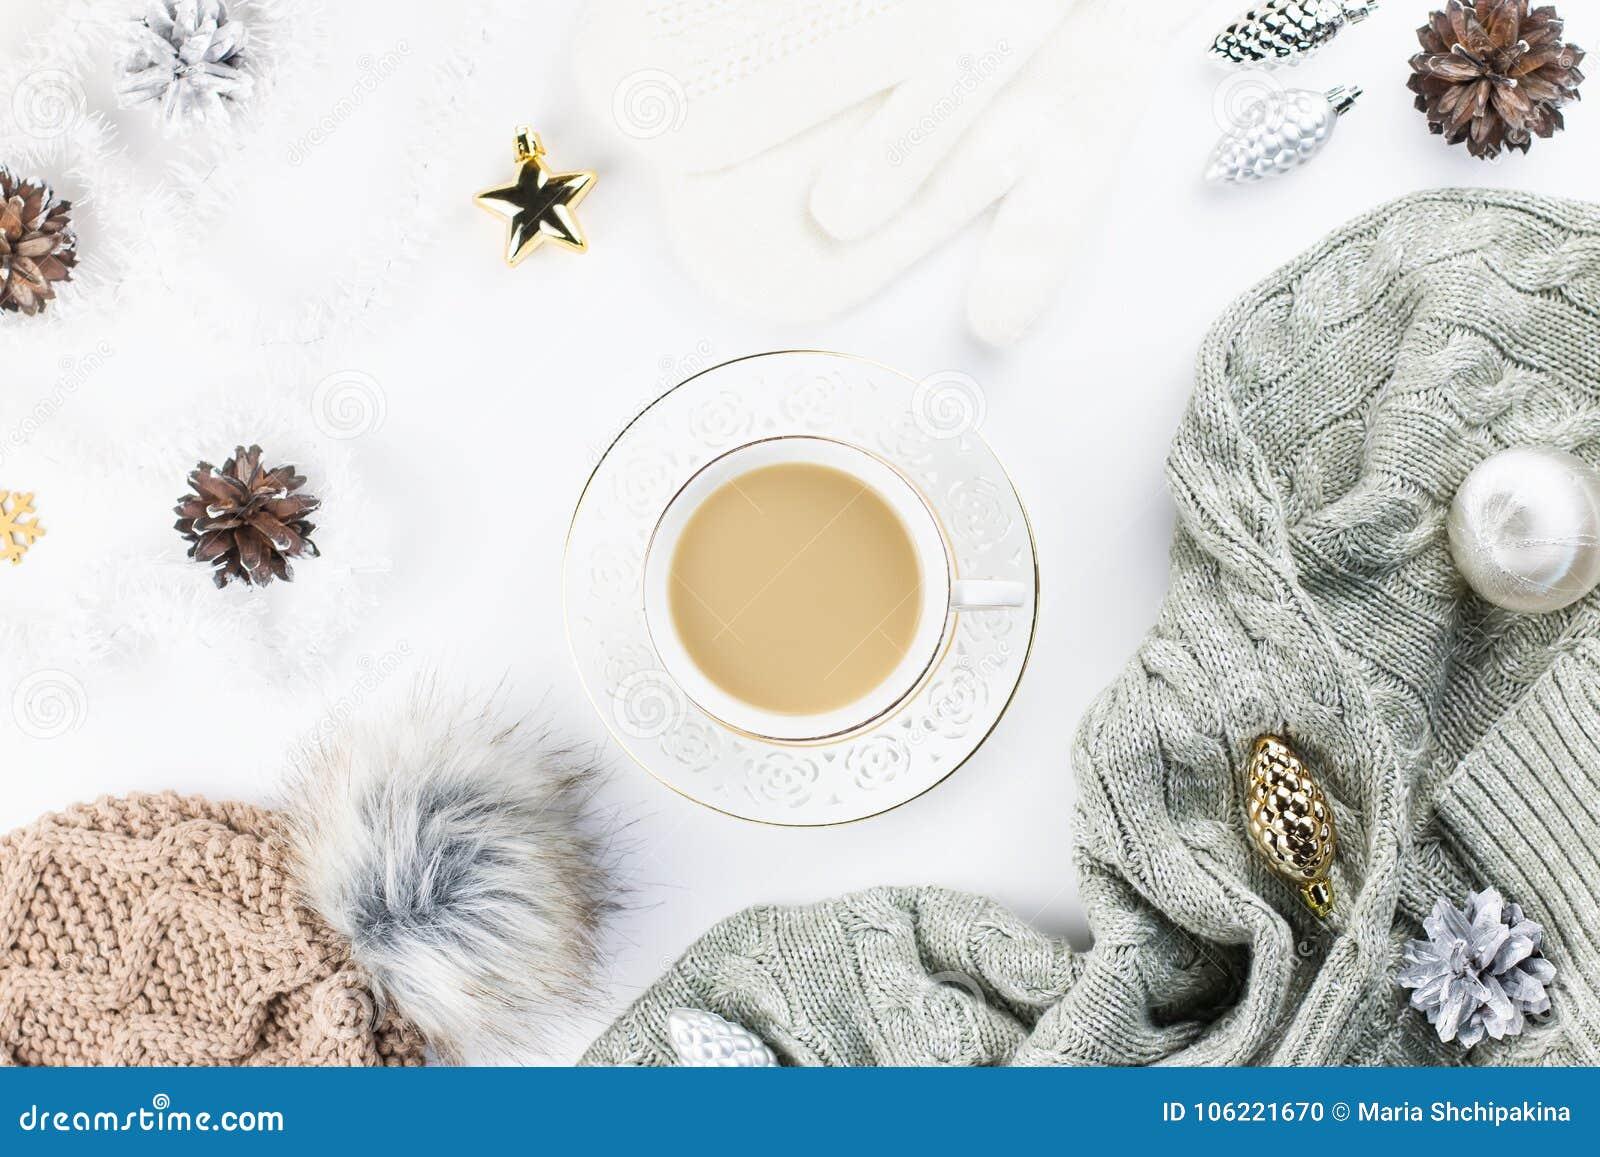 圣诞节概念舱内甲板位置 在白色背景的温暖,舒适冬天衣物和圣诞节装饰框架